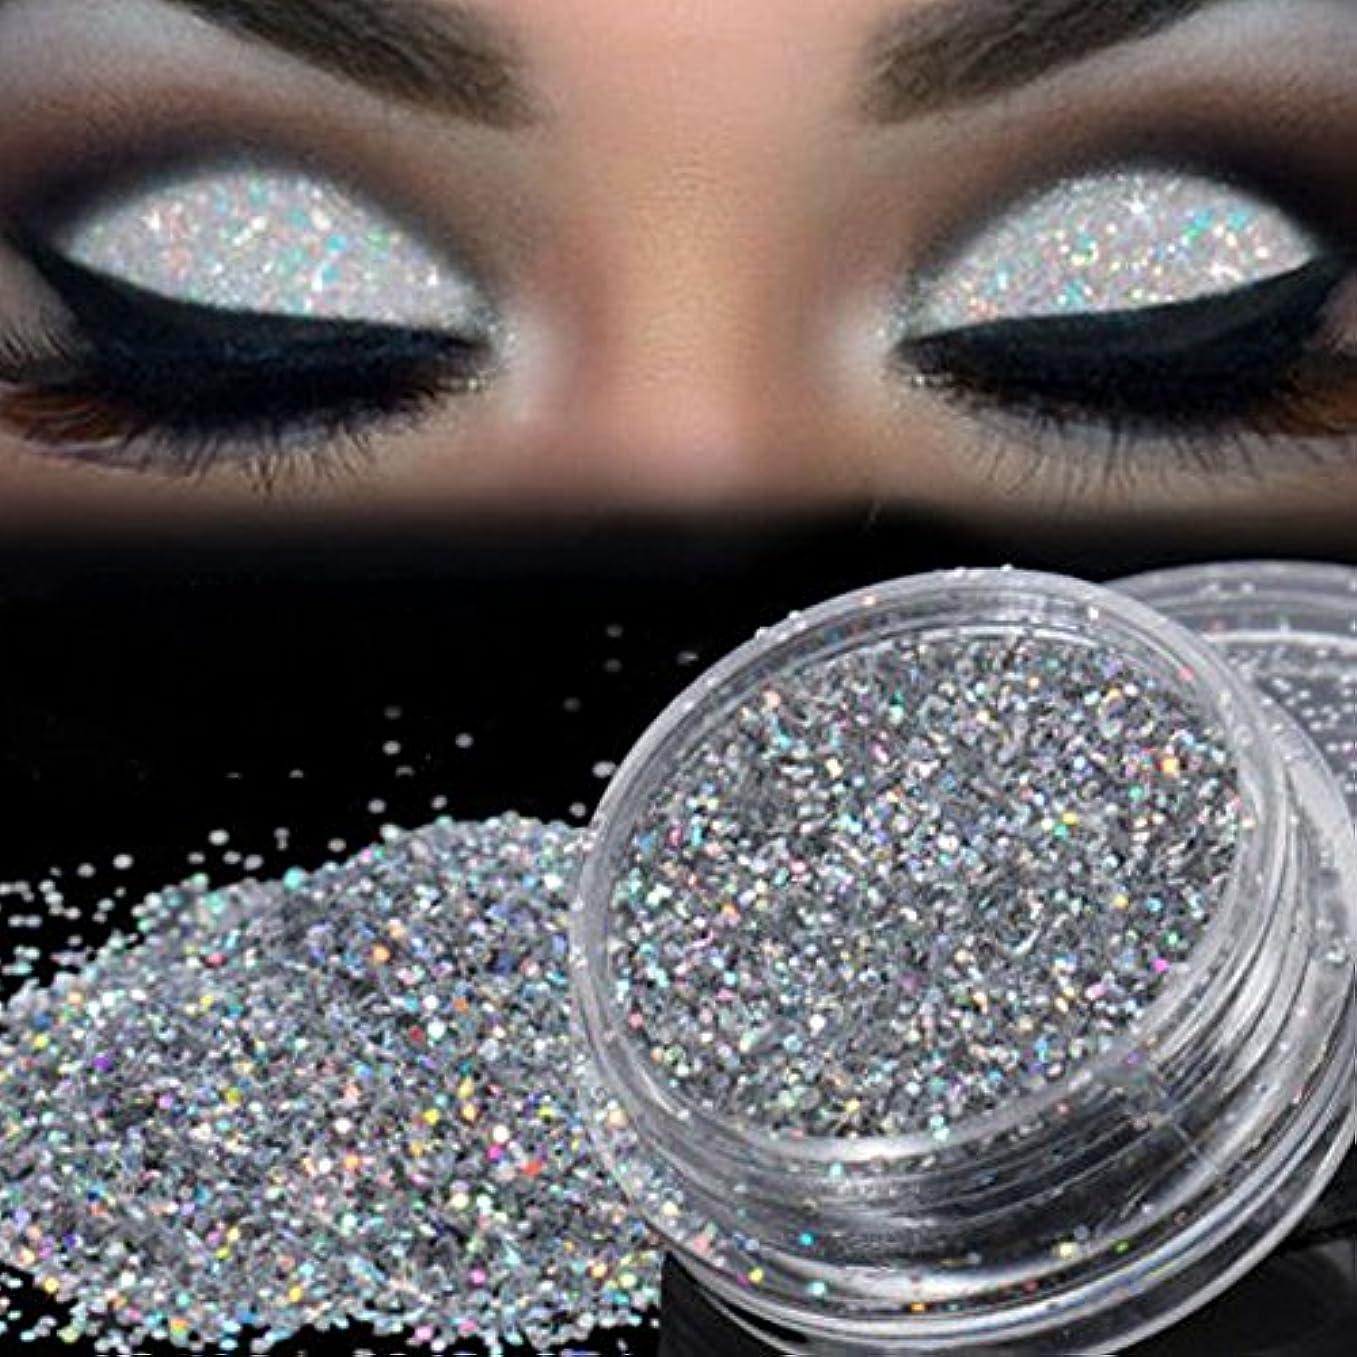 遊びます困惑する単に2018新番 化粧品 アイシャドウ Timsa 欧米風 アイシャドーパウダー ダイヤモンドグリッター スパークリングアイズ 極め細い パウダーアイシャドウ 2色選択 (A)